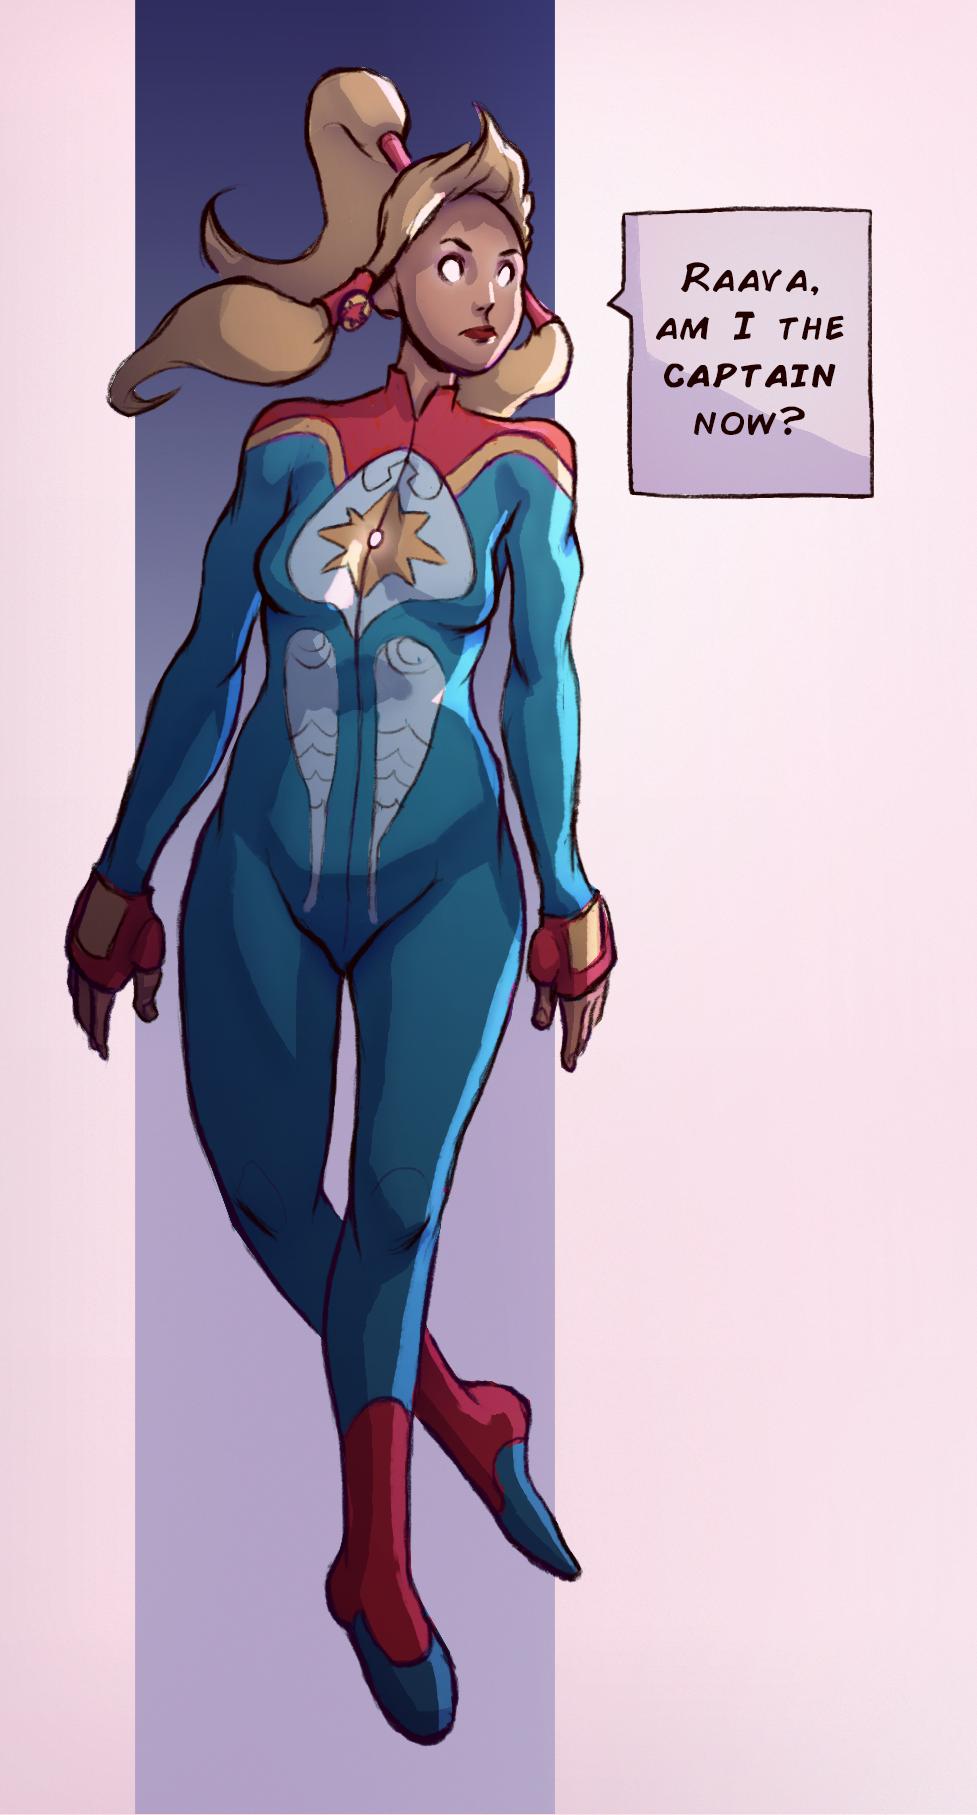 The Marvelous Captain Korra lol